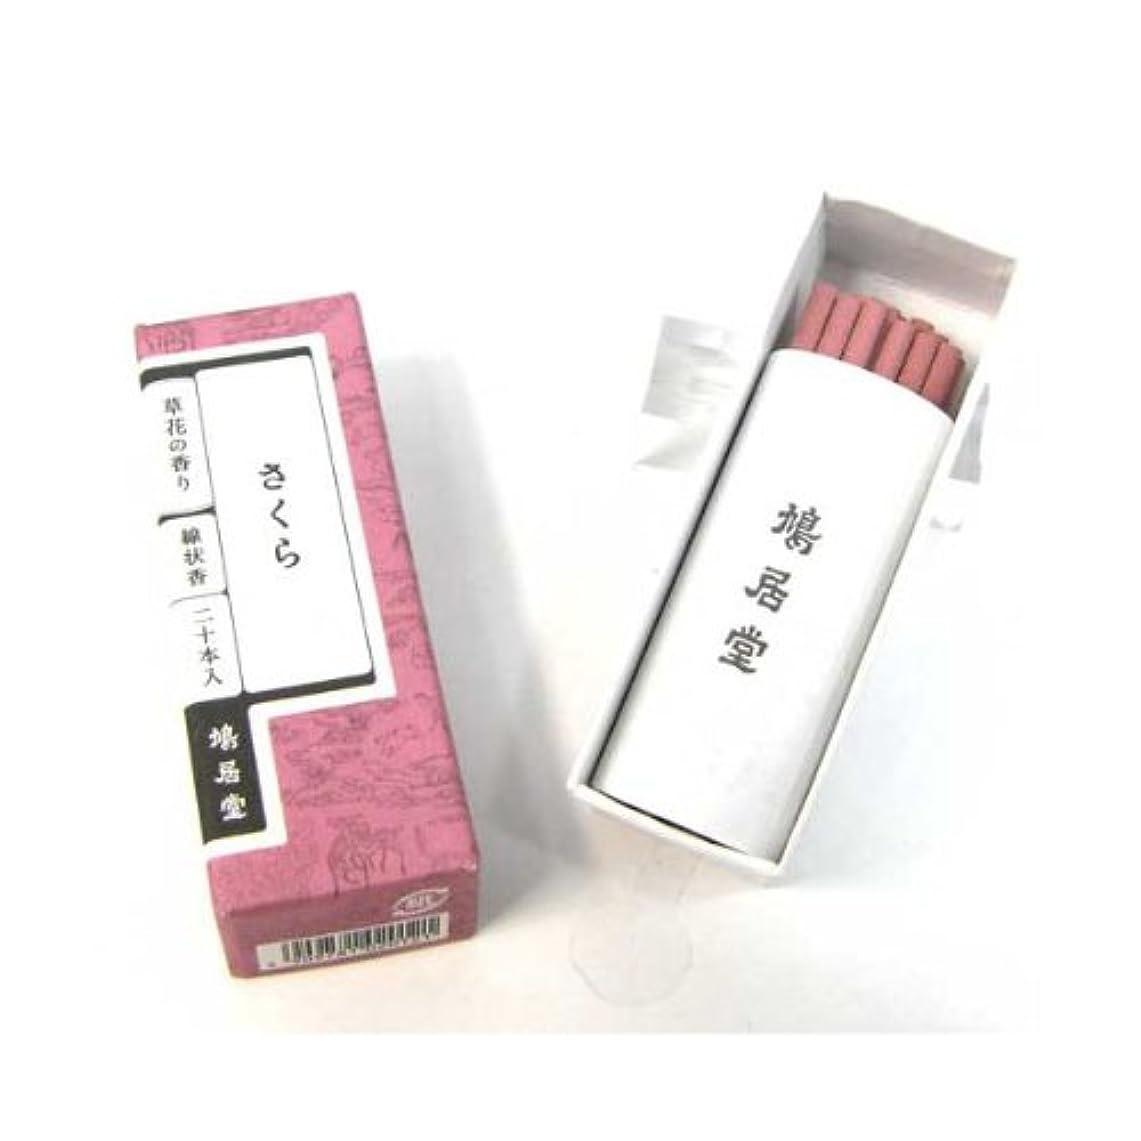 ドリル真鍮クラック鳩居堂 お香 桜/さくら 草花の香りシリーズ スティックタイプ(棒状香)20本いり